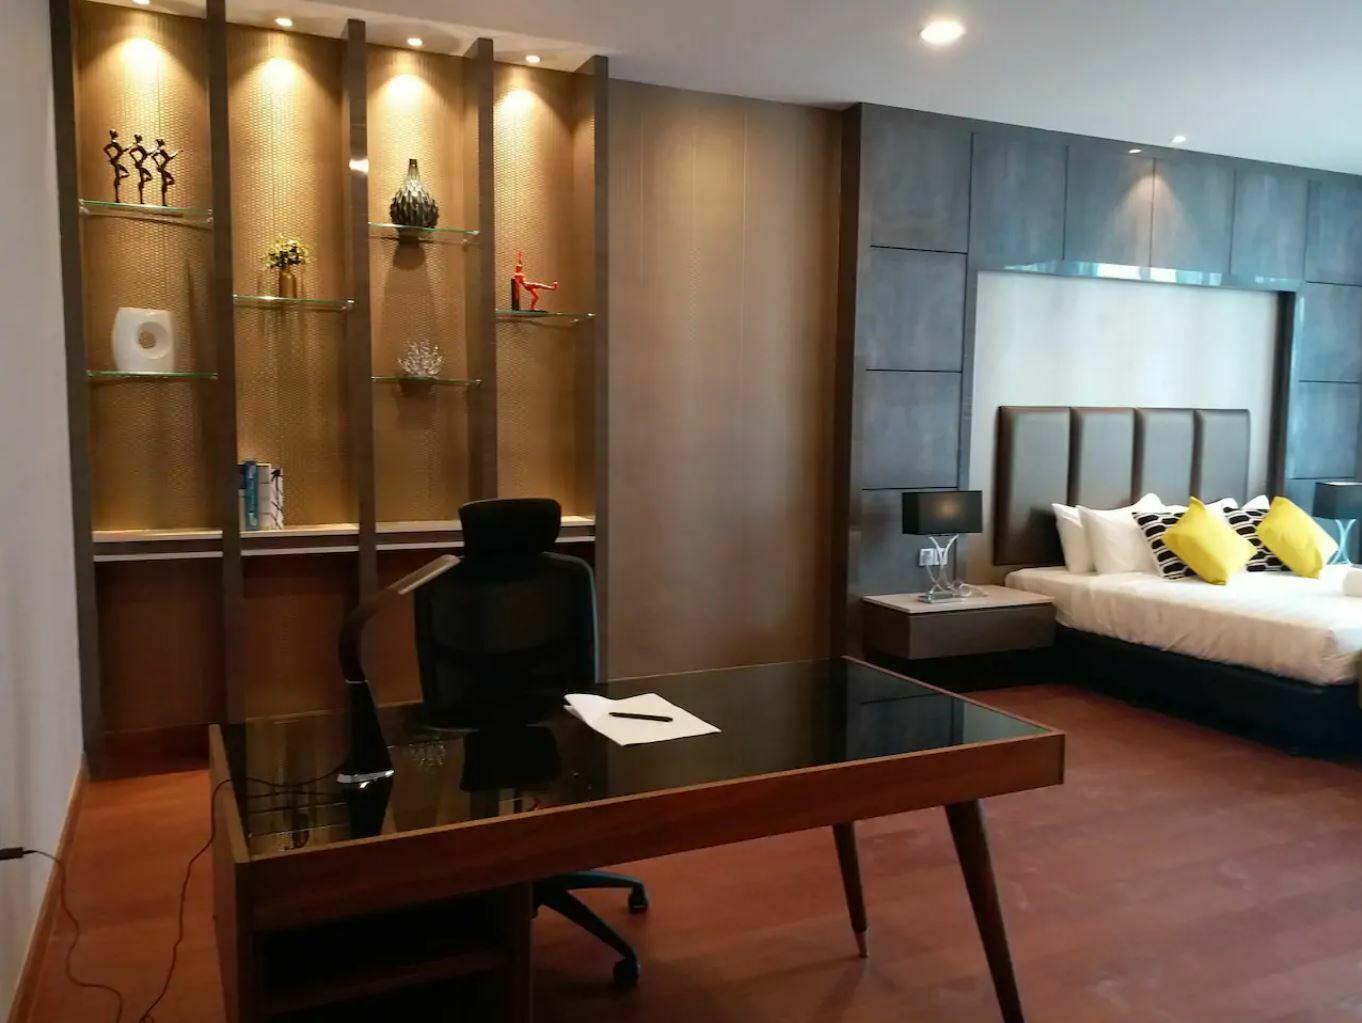 Airbnb Sumbang RM200.4 Juta Kepada Ekonomi Tempatan, Kat Mana Lokasi Yang Hot di Malaysia? 7